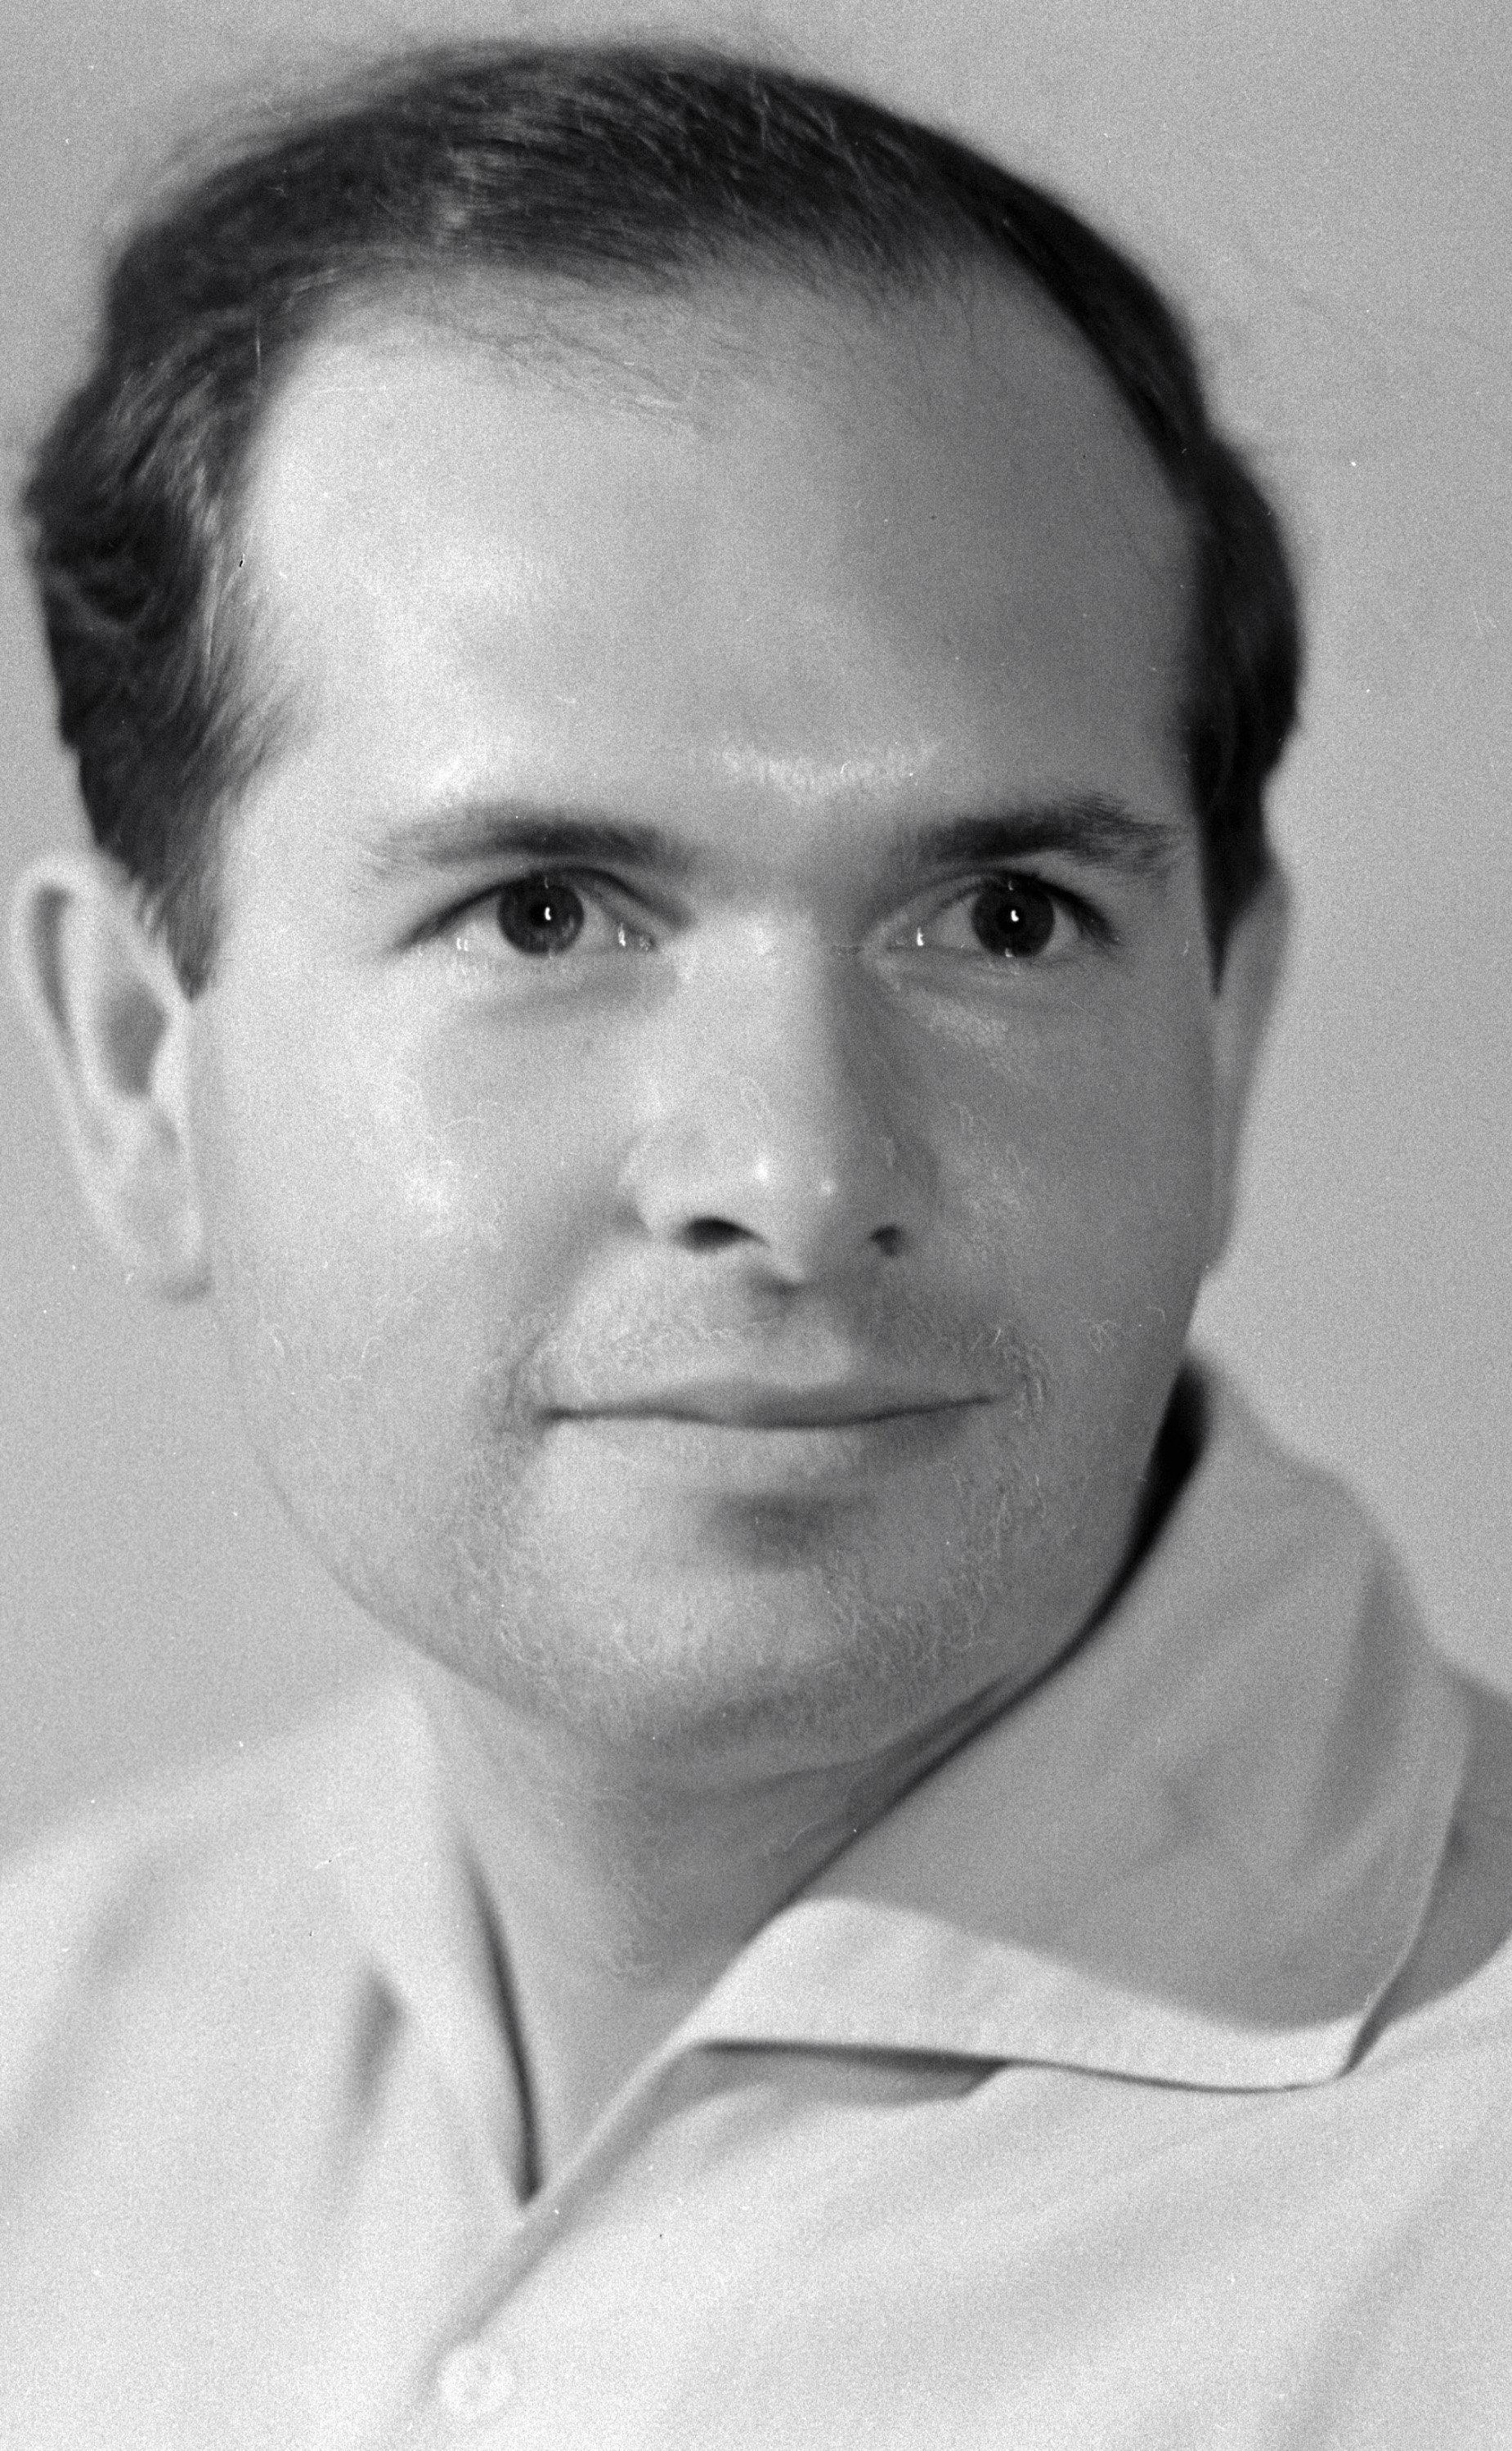 El académico Alexéi Abrikósov, físico-teórico soviético y estadounidense, laureado con el premio Nobel de física